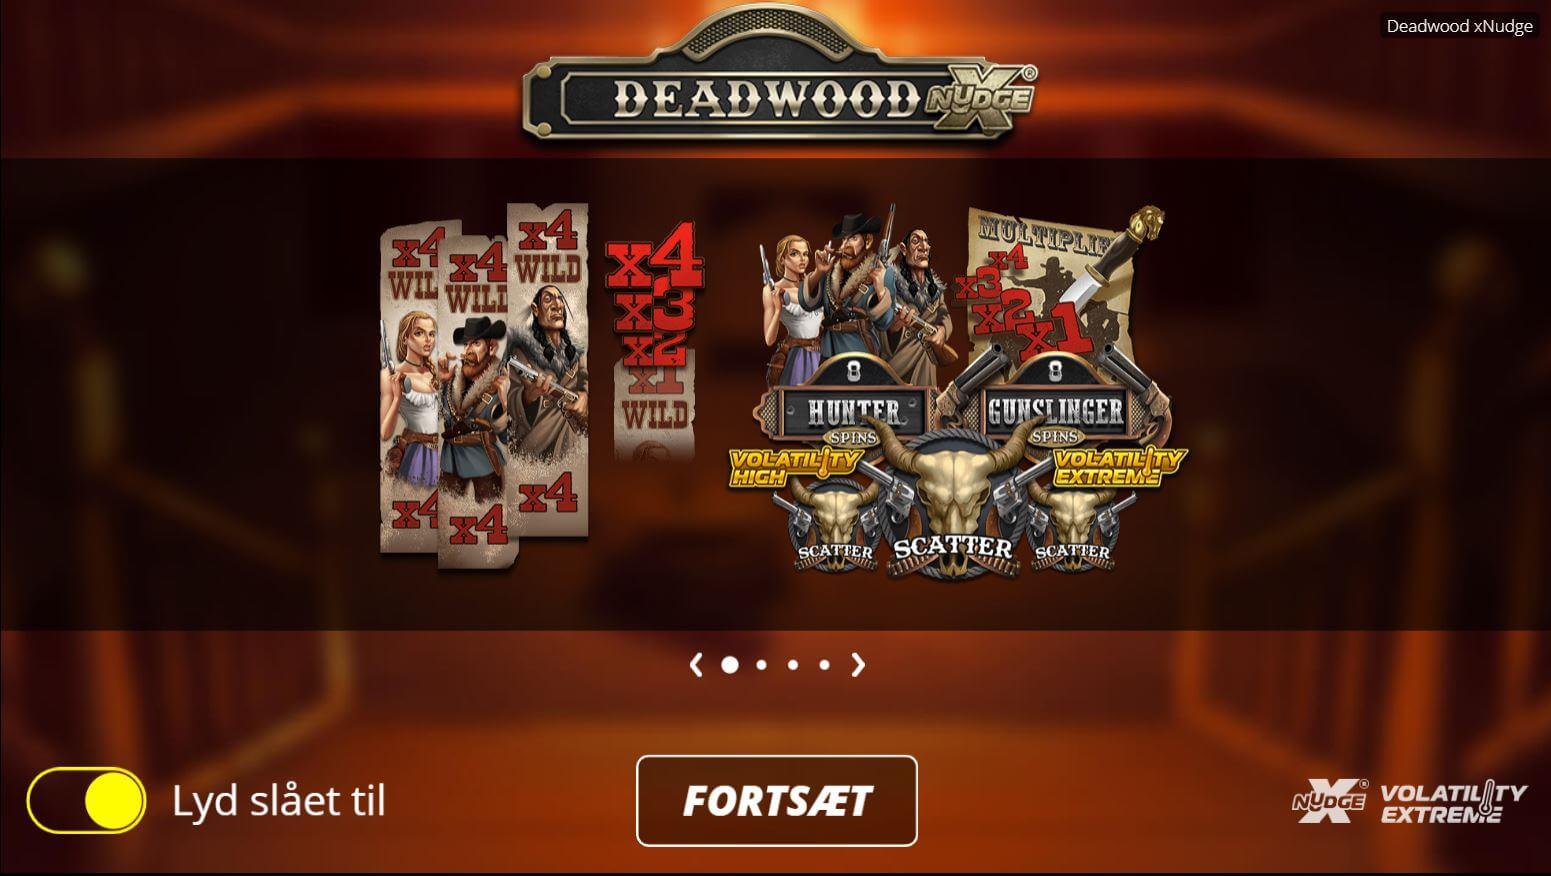 Deadwood spilleautomat